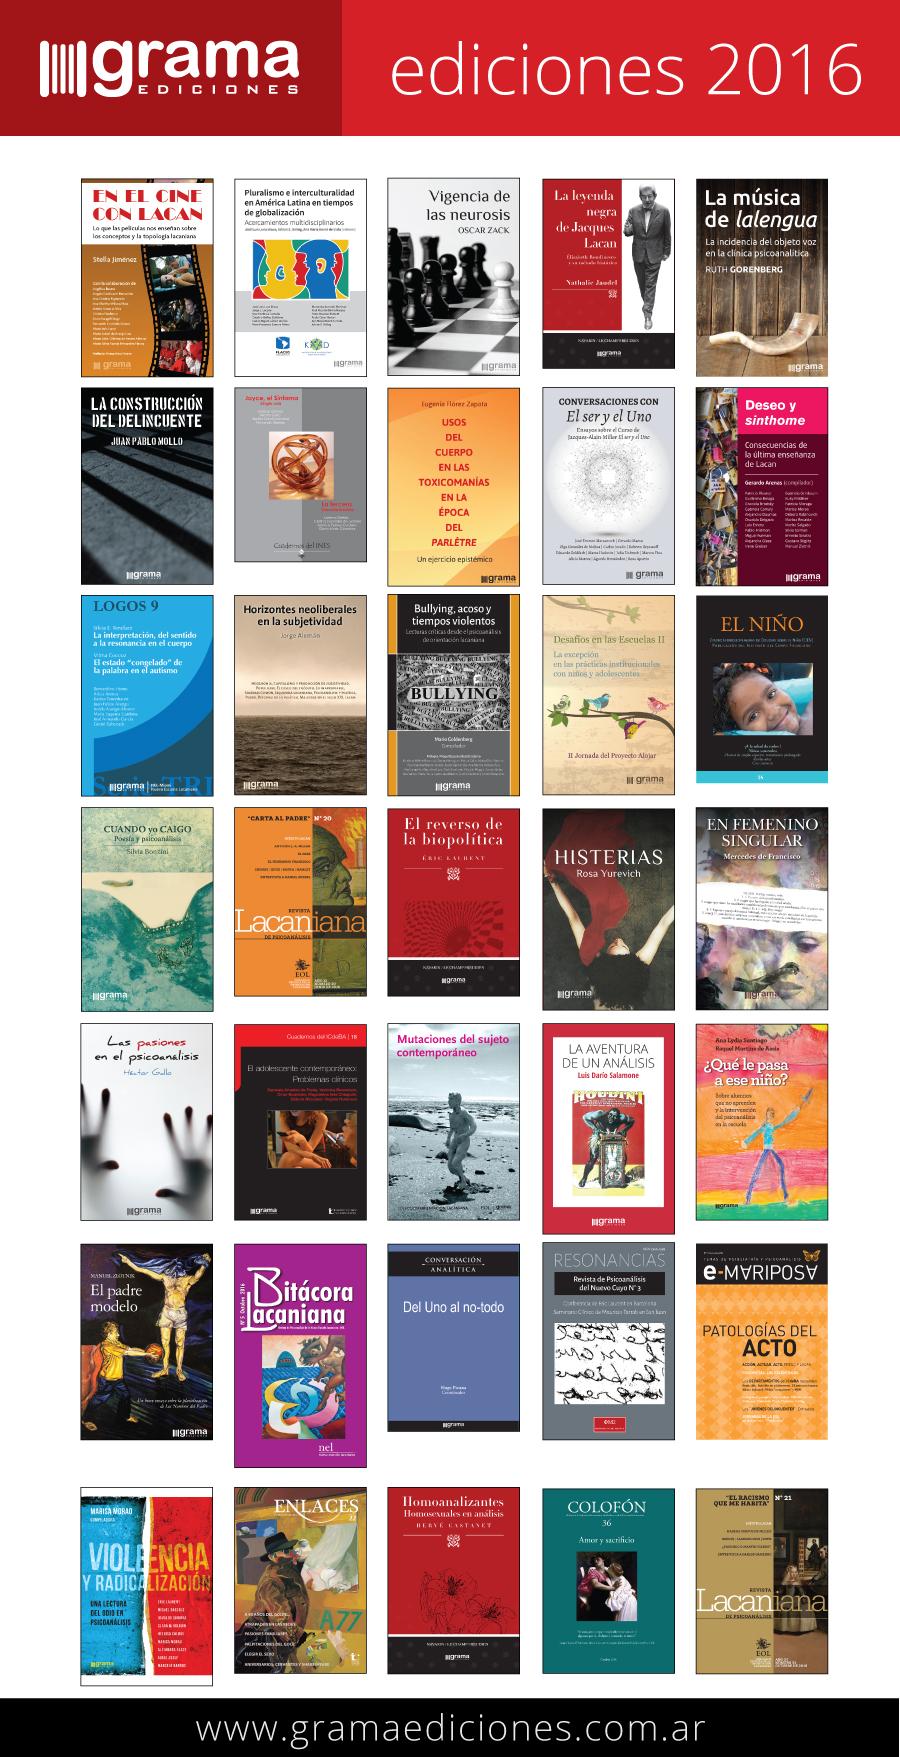 Grama Ediciones. Ediciones 2016.